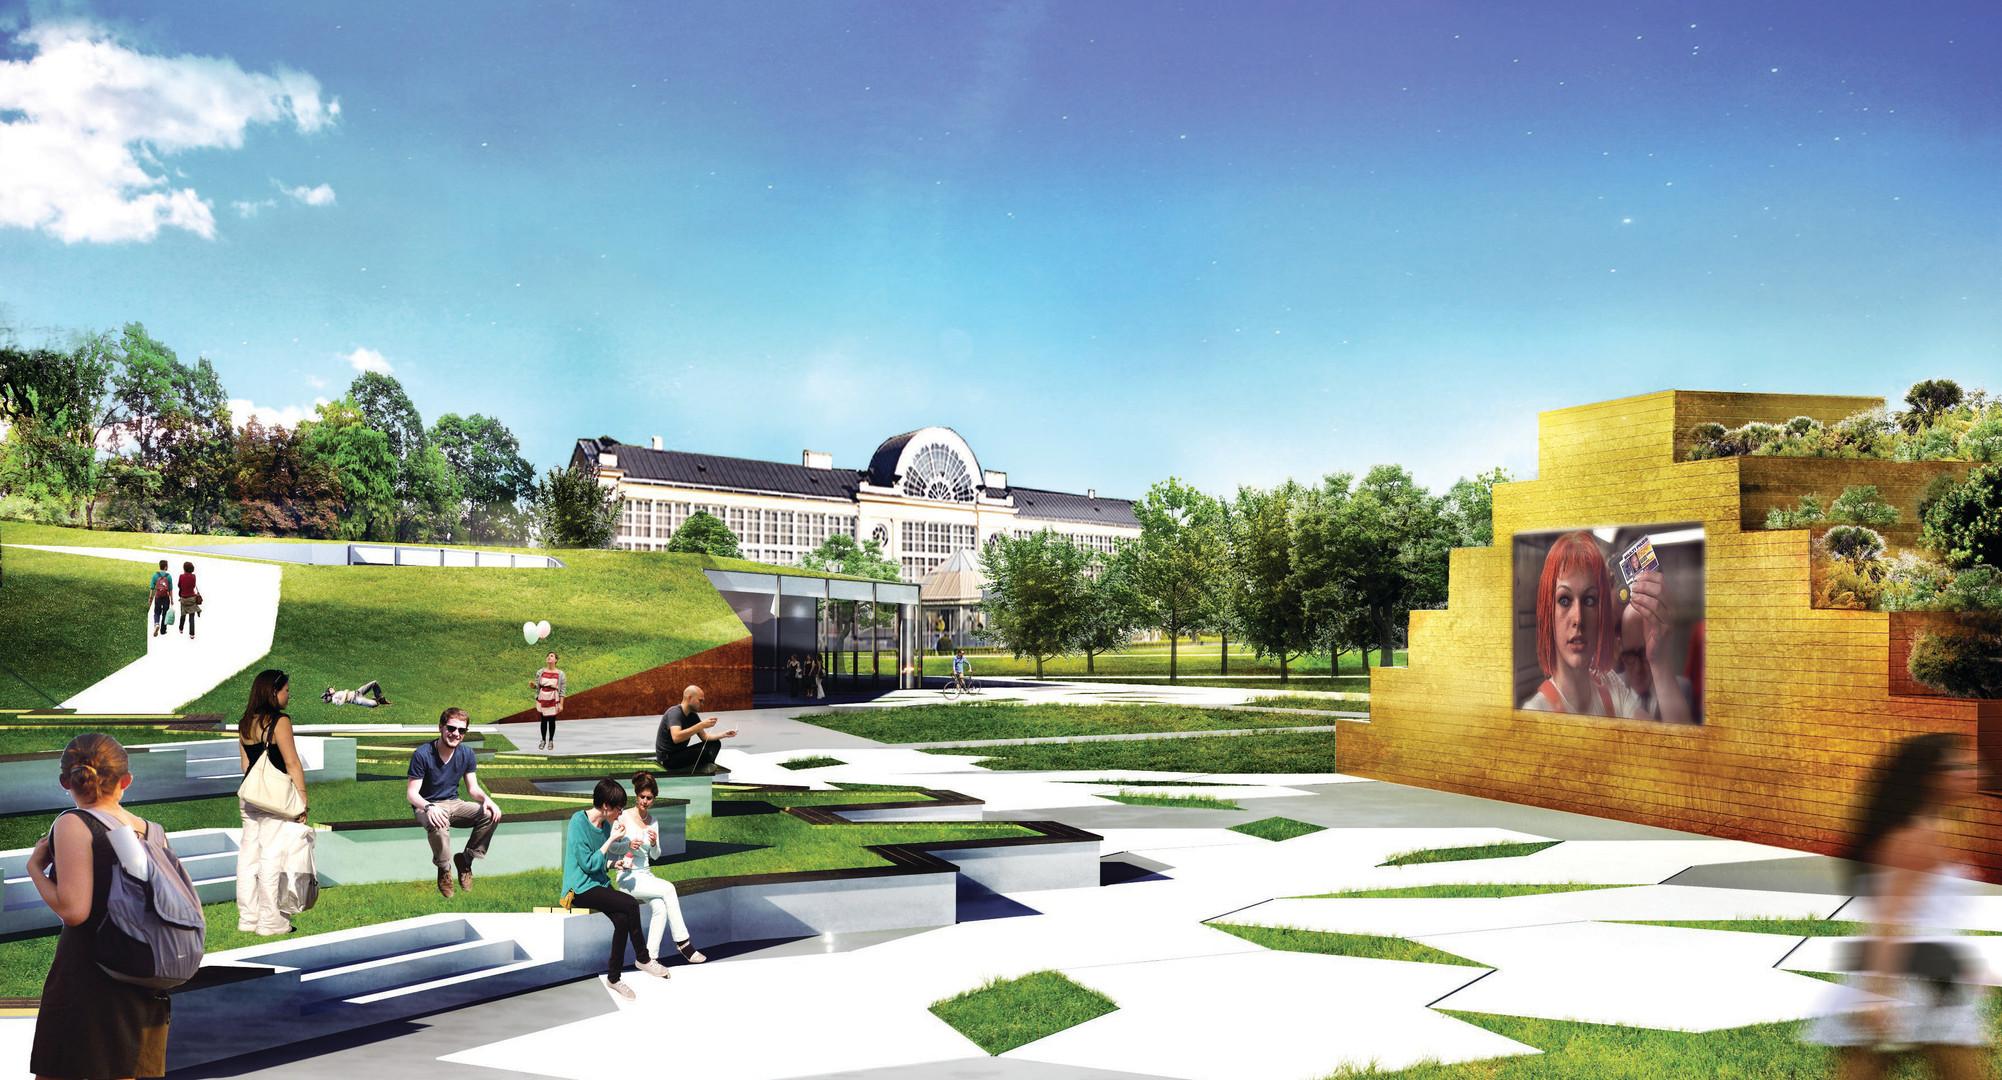 Konkurs na opracowanie koncepcji Ogrodu XXI wieku z pawilonem wystawienniczym – Rewitalizacja obszaru Muzeum Łazienki Królewskie